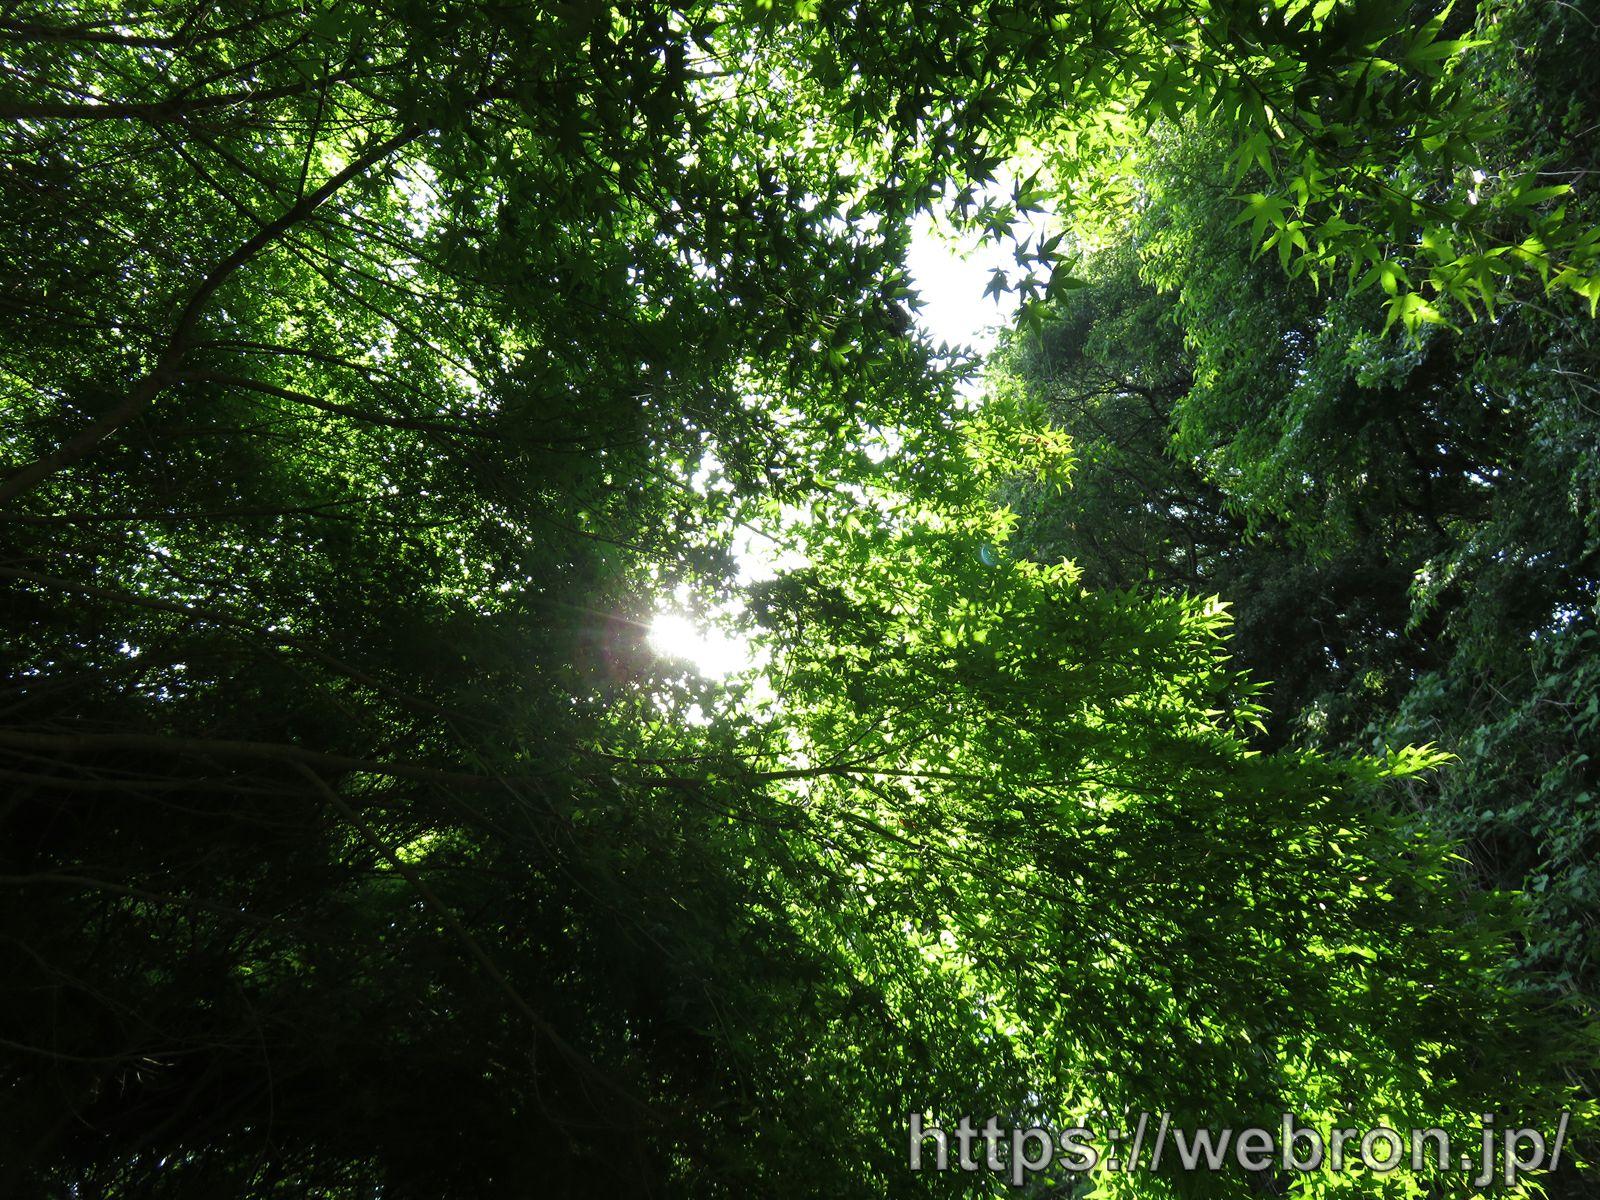 愛知こどもの国の森